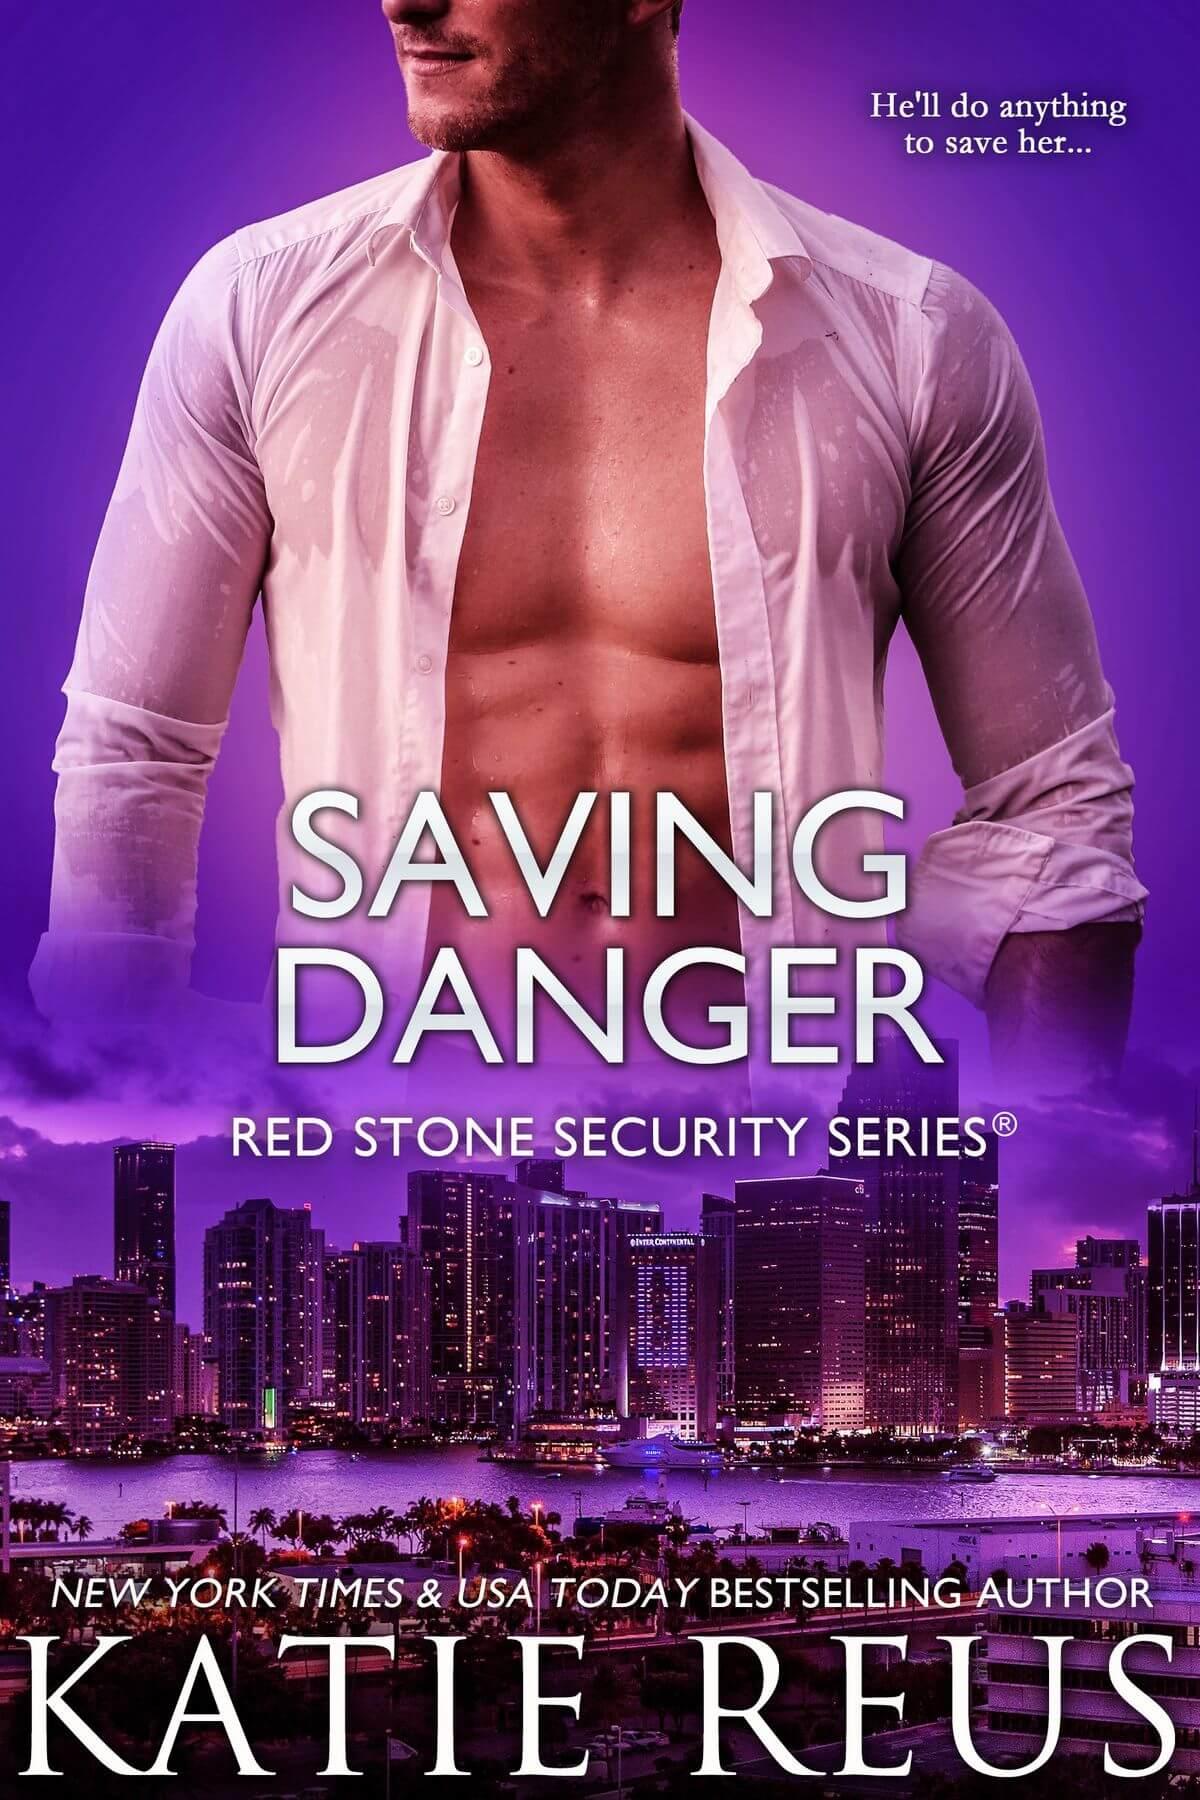 Saving Danger by Katie Reus